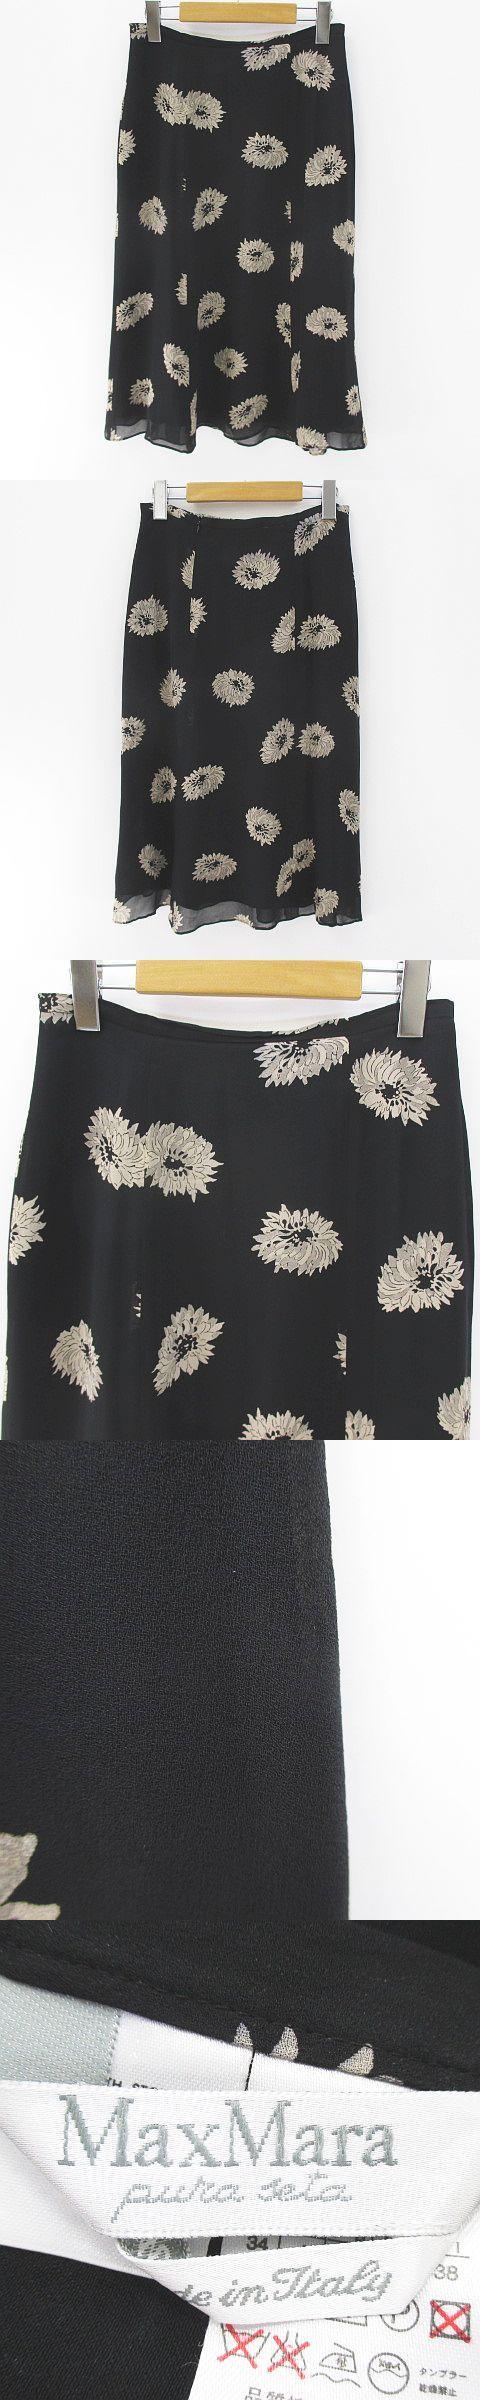 花柄 フラワー フレアスカート ミモレ丈 絹 シルク 38 黒系 ブラック イタリア製 裏地